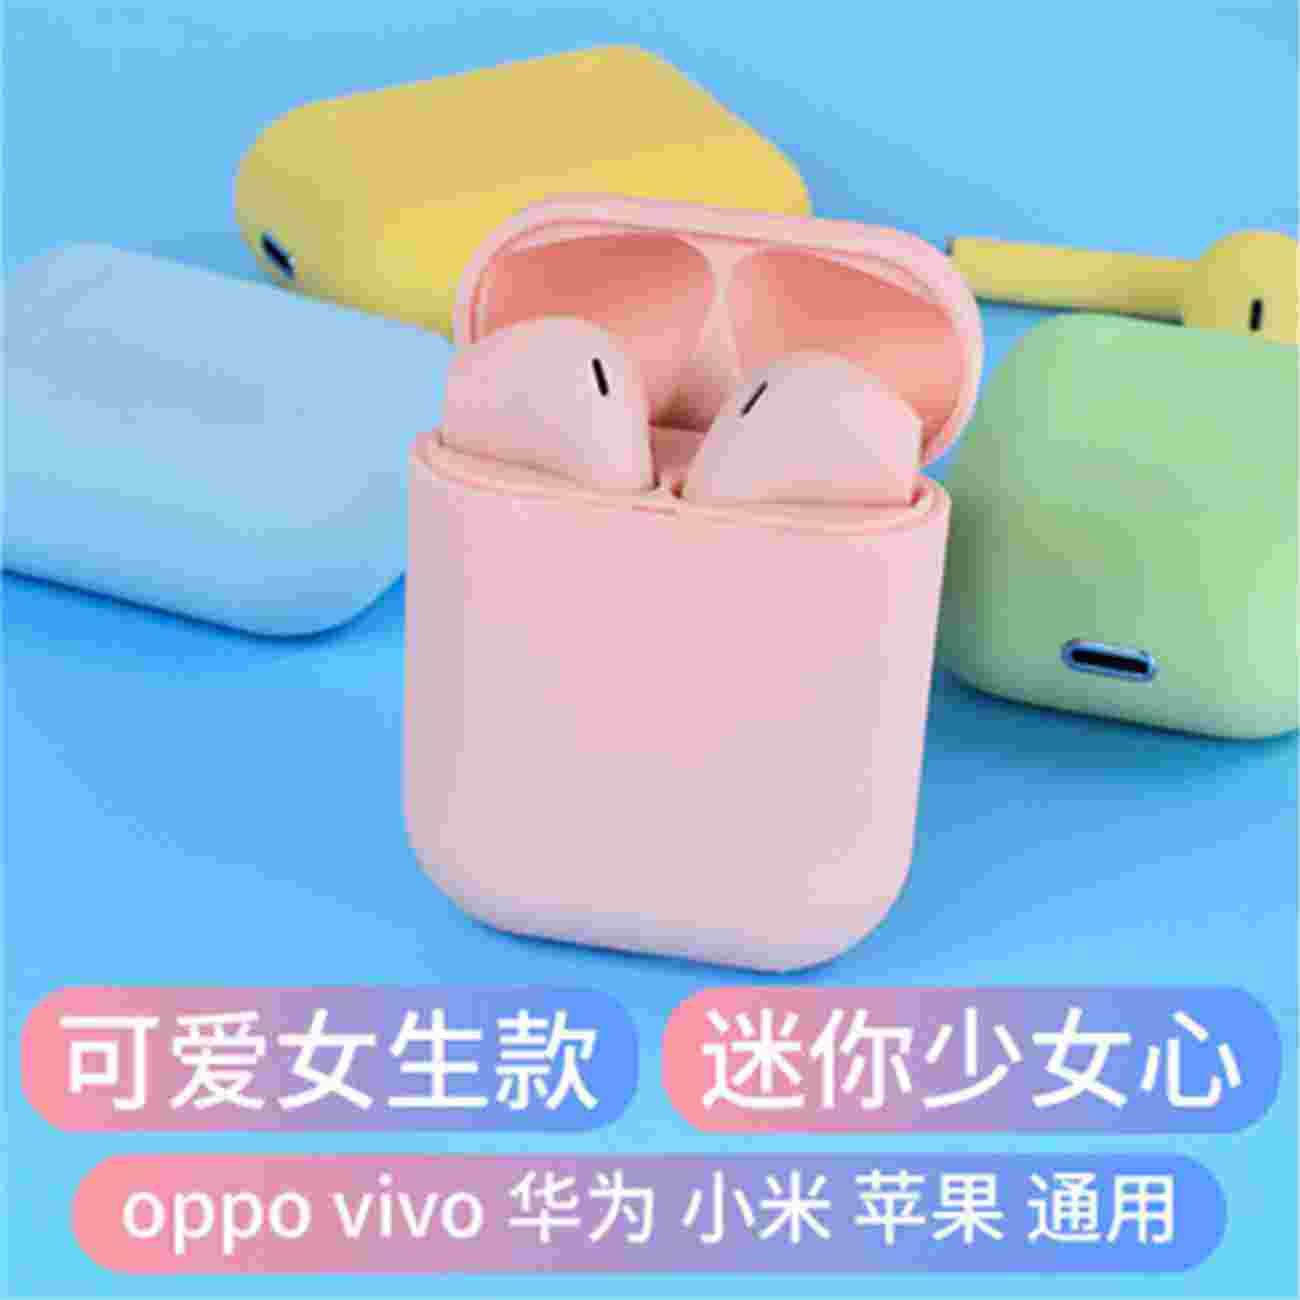 马卡龙微砂系列蓝牙耳机 V5.0 力量威tws蓝牙耳机生产厂家